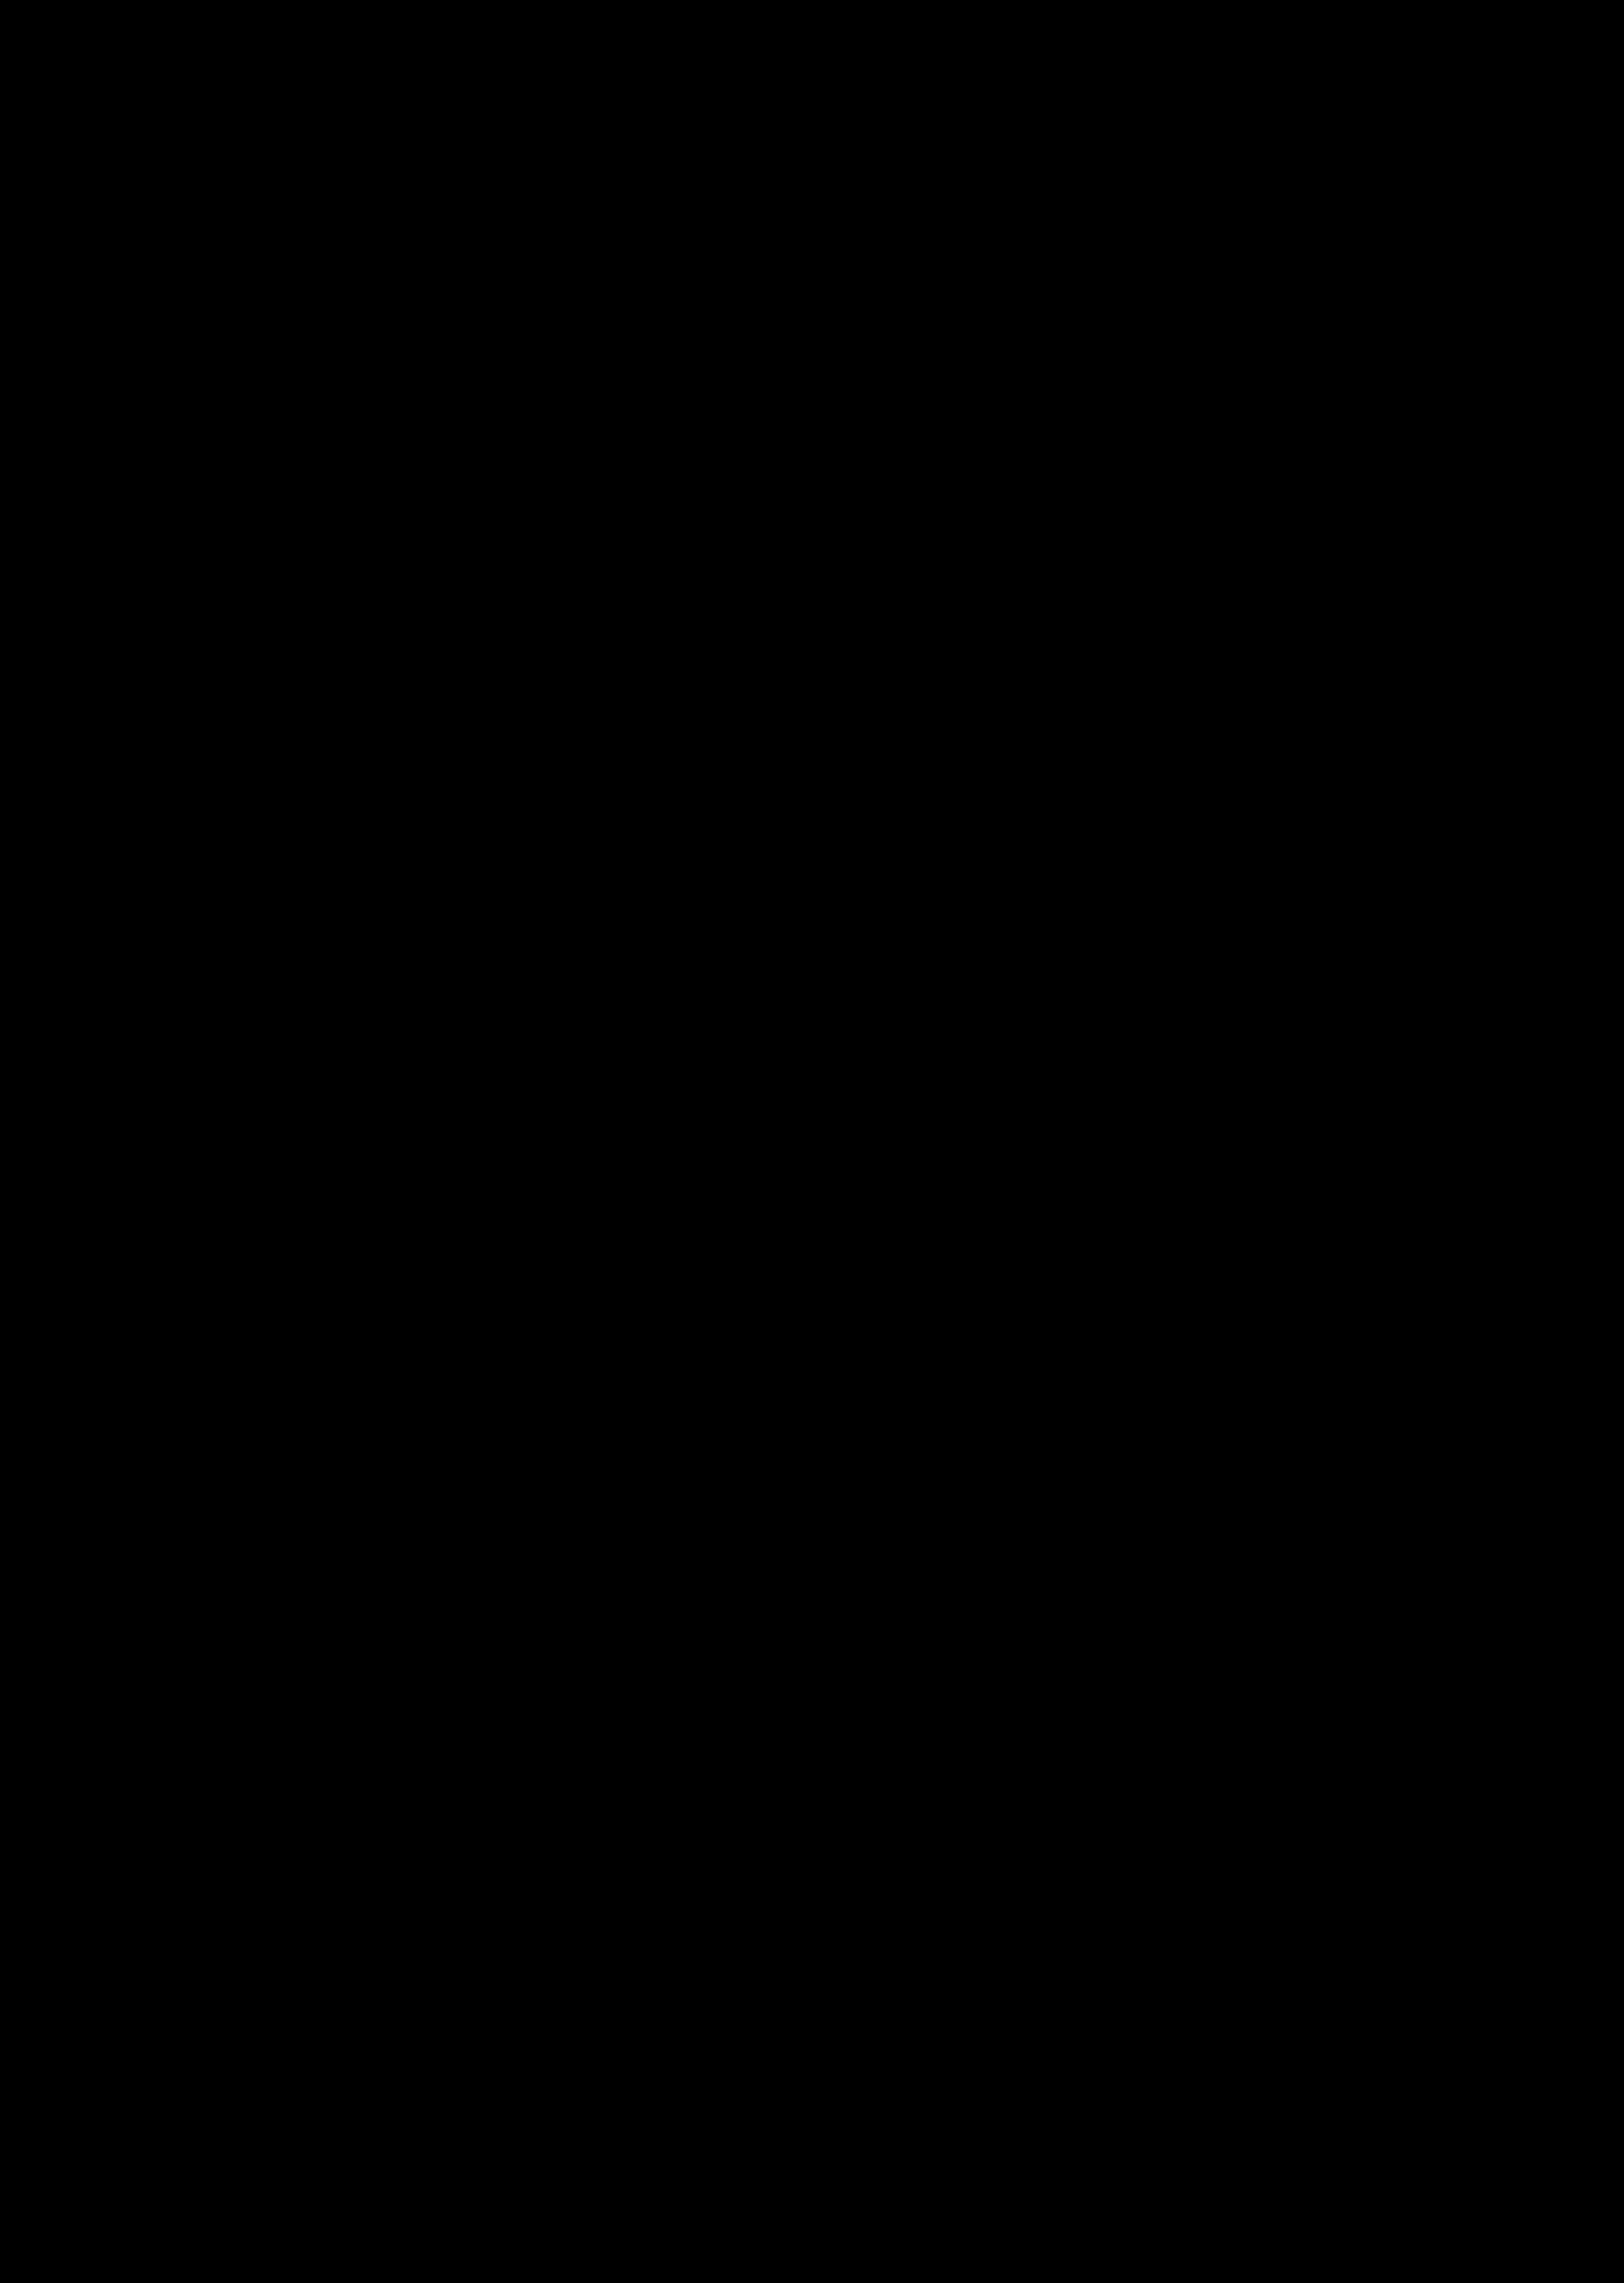 Ateliers Ouverts ESA Saint-Luc Tournai